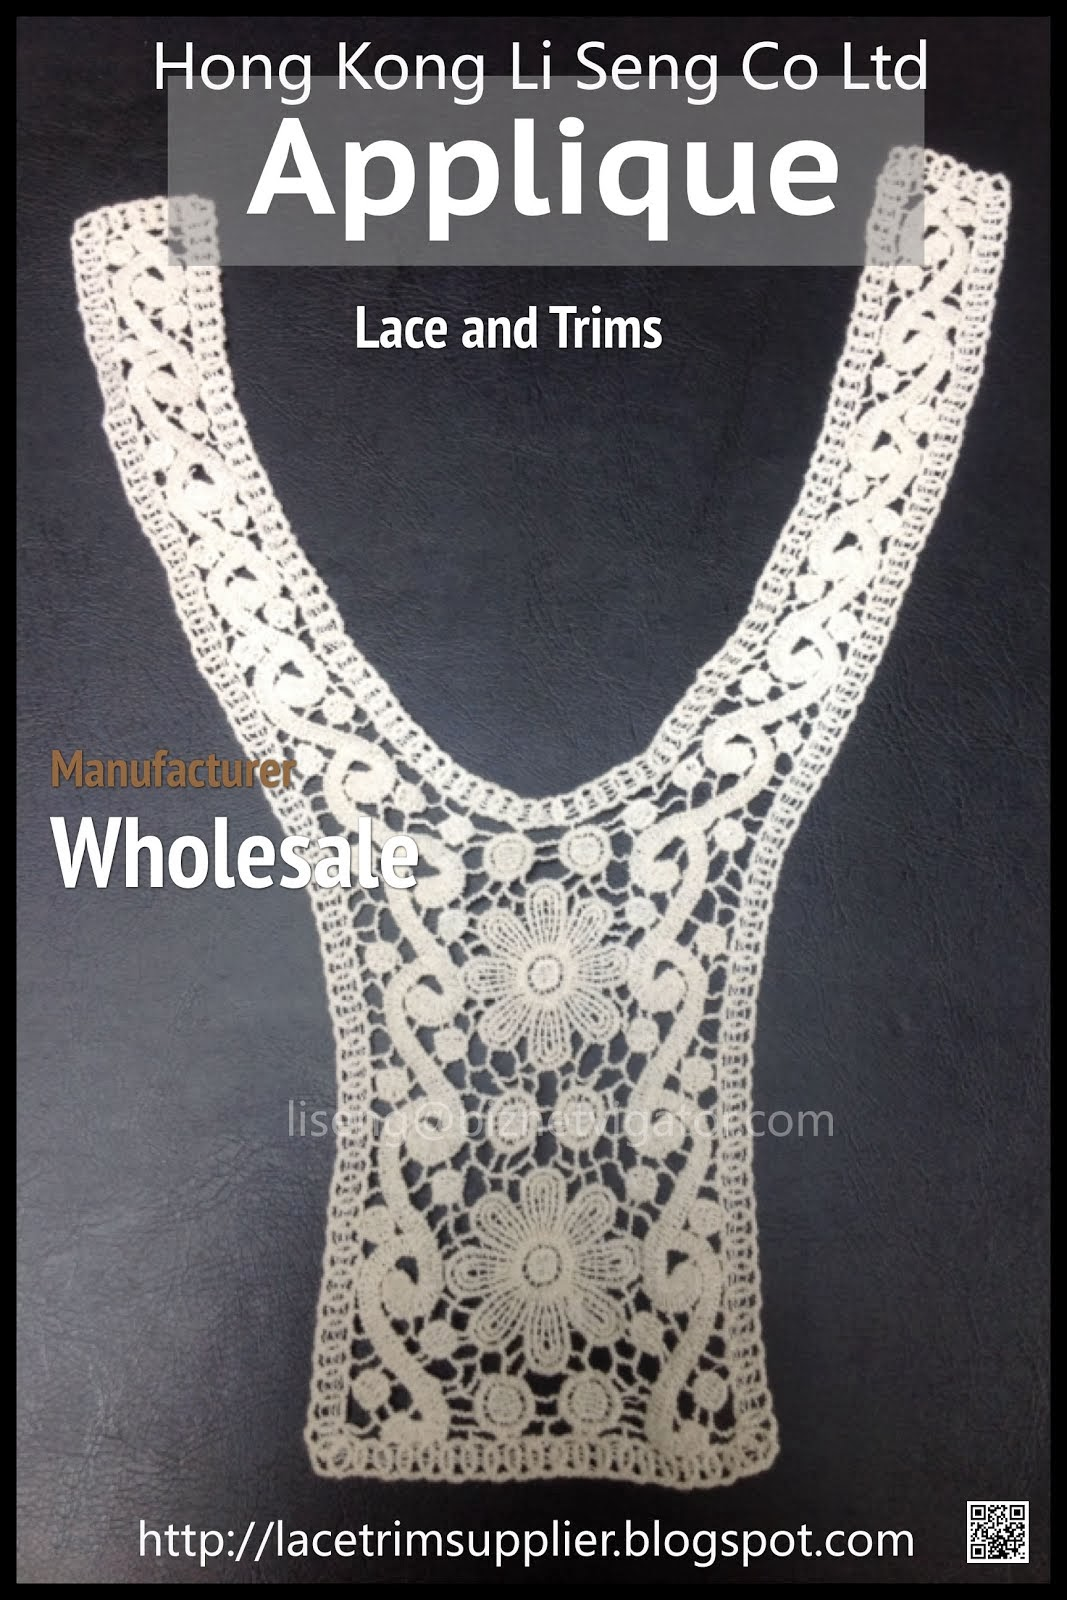 Lace and Trims Supplier Wholesale Manufacturer - Hong Kong Li Seng Co Ltd